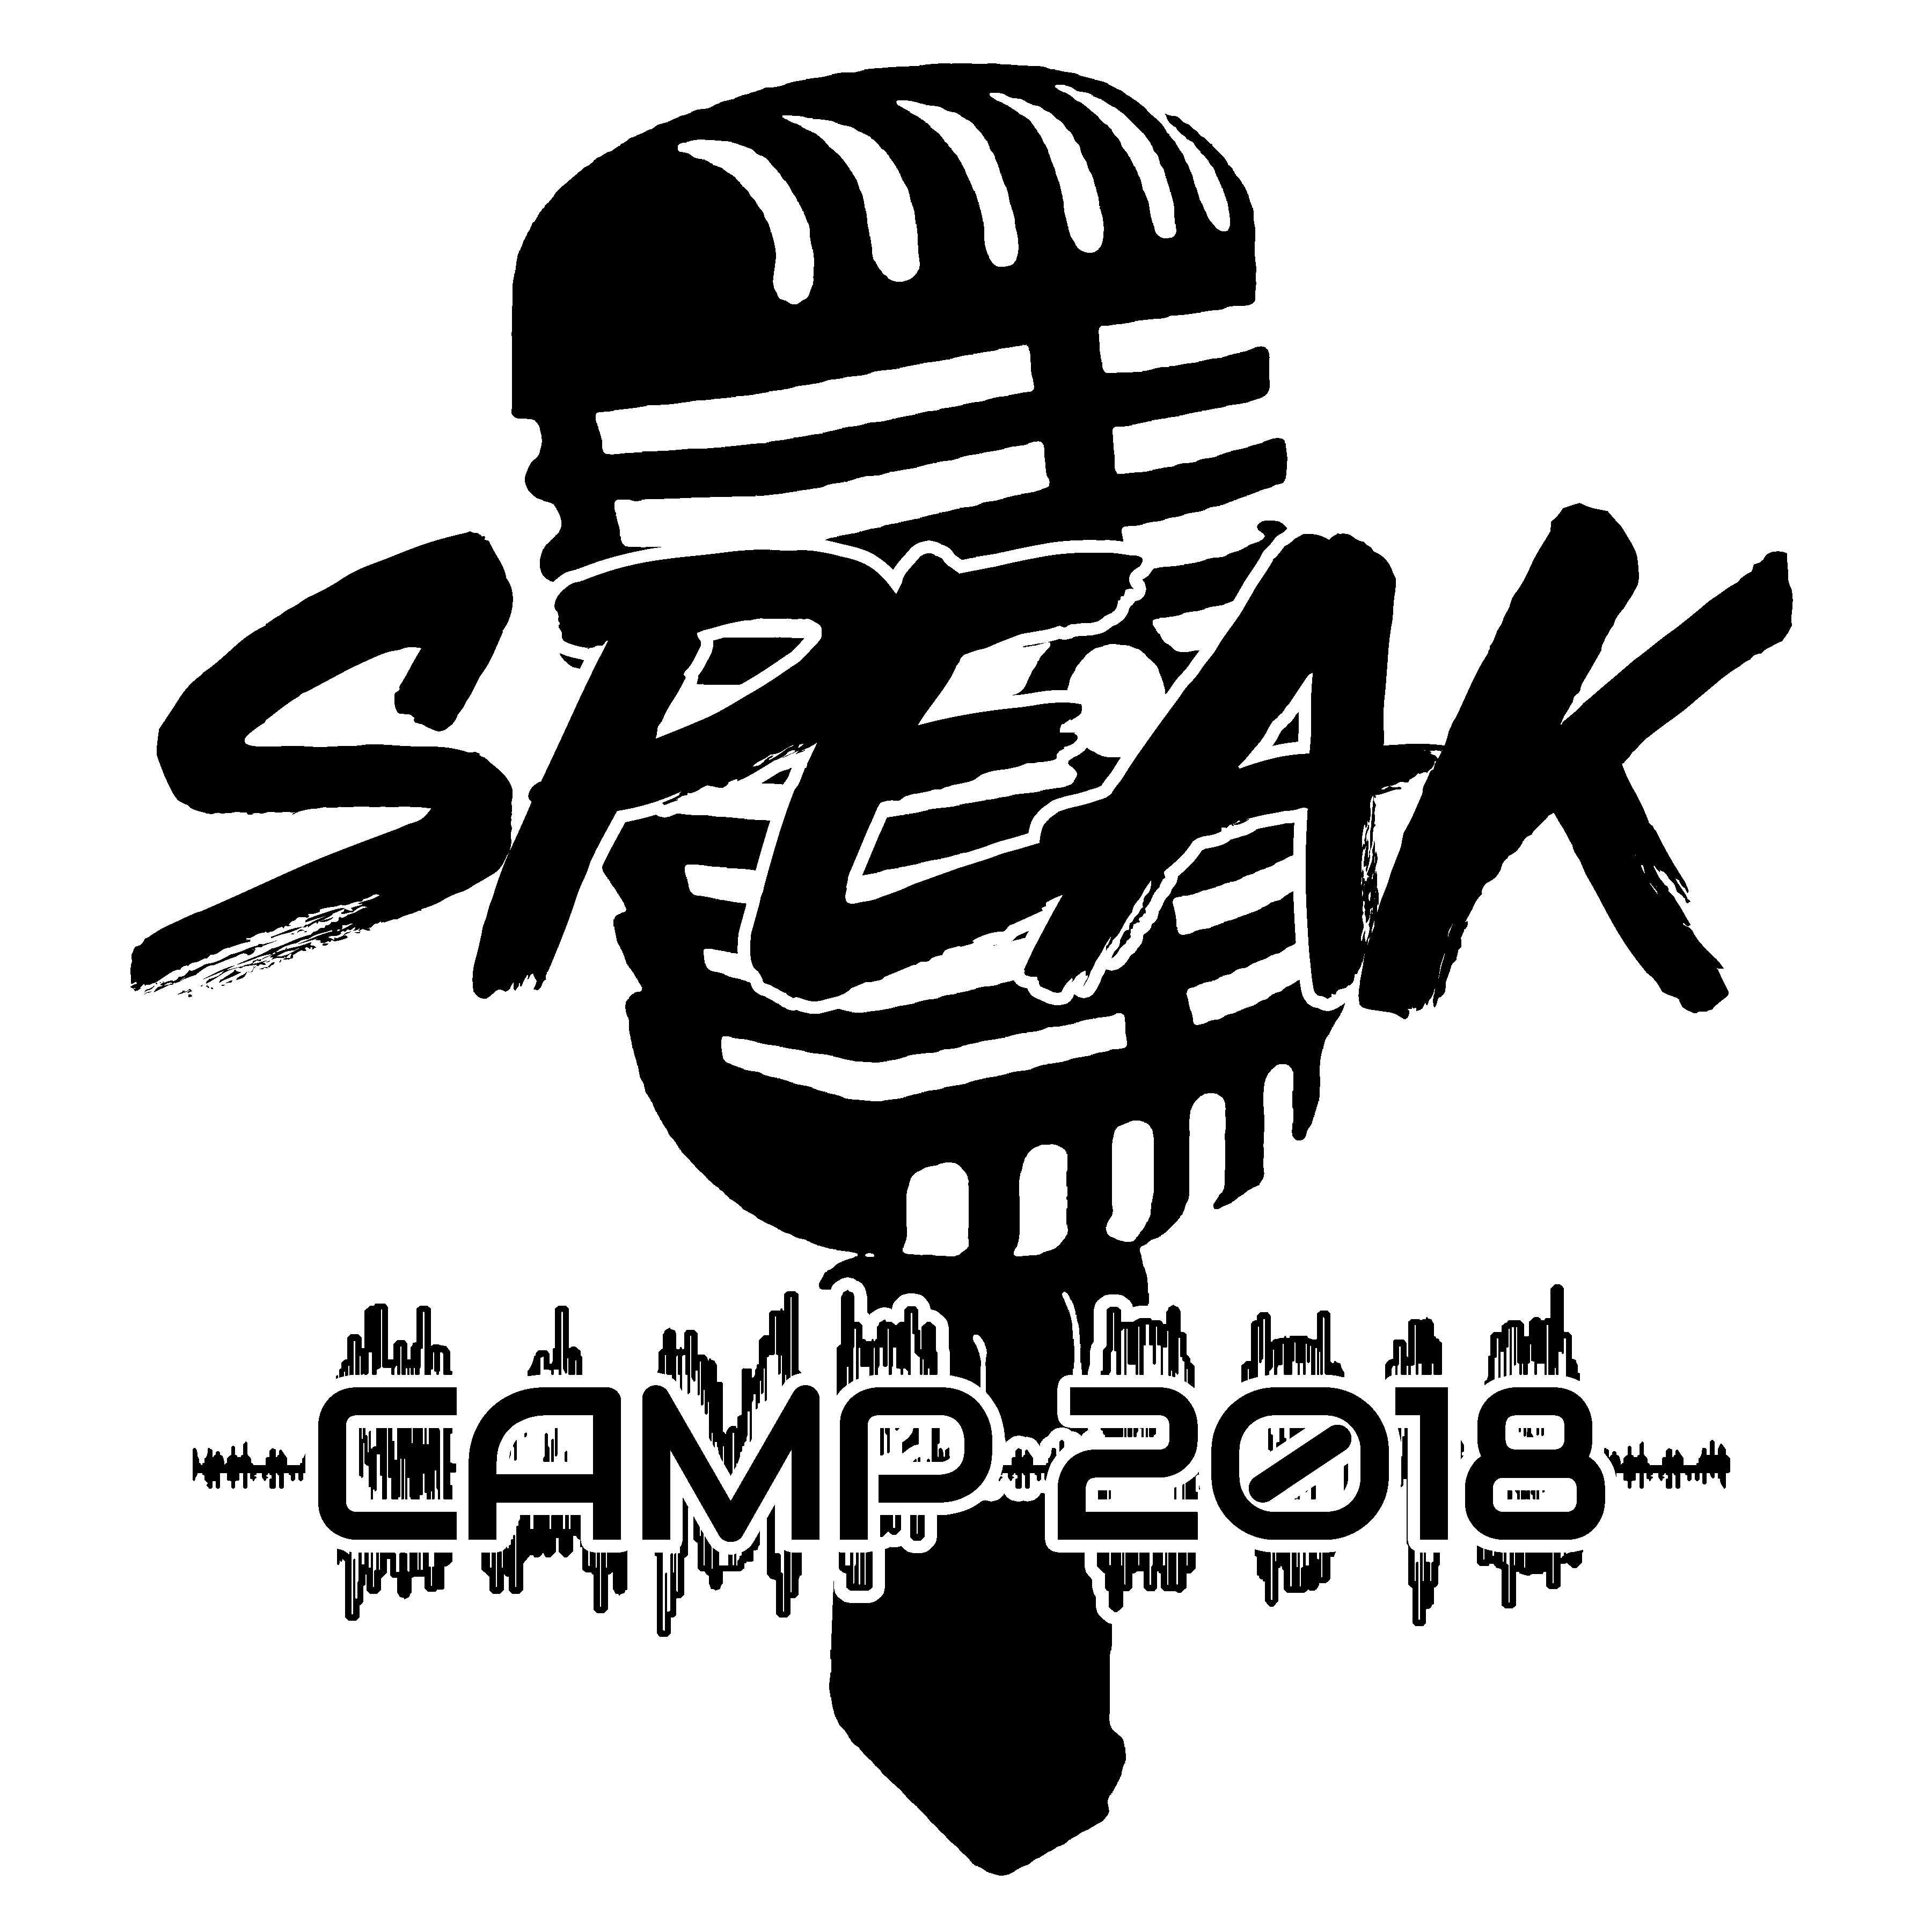 Speak logo black